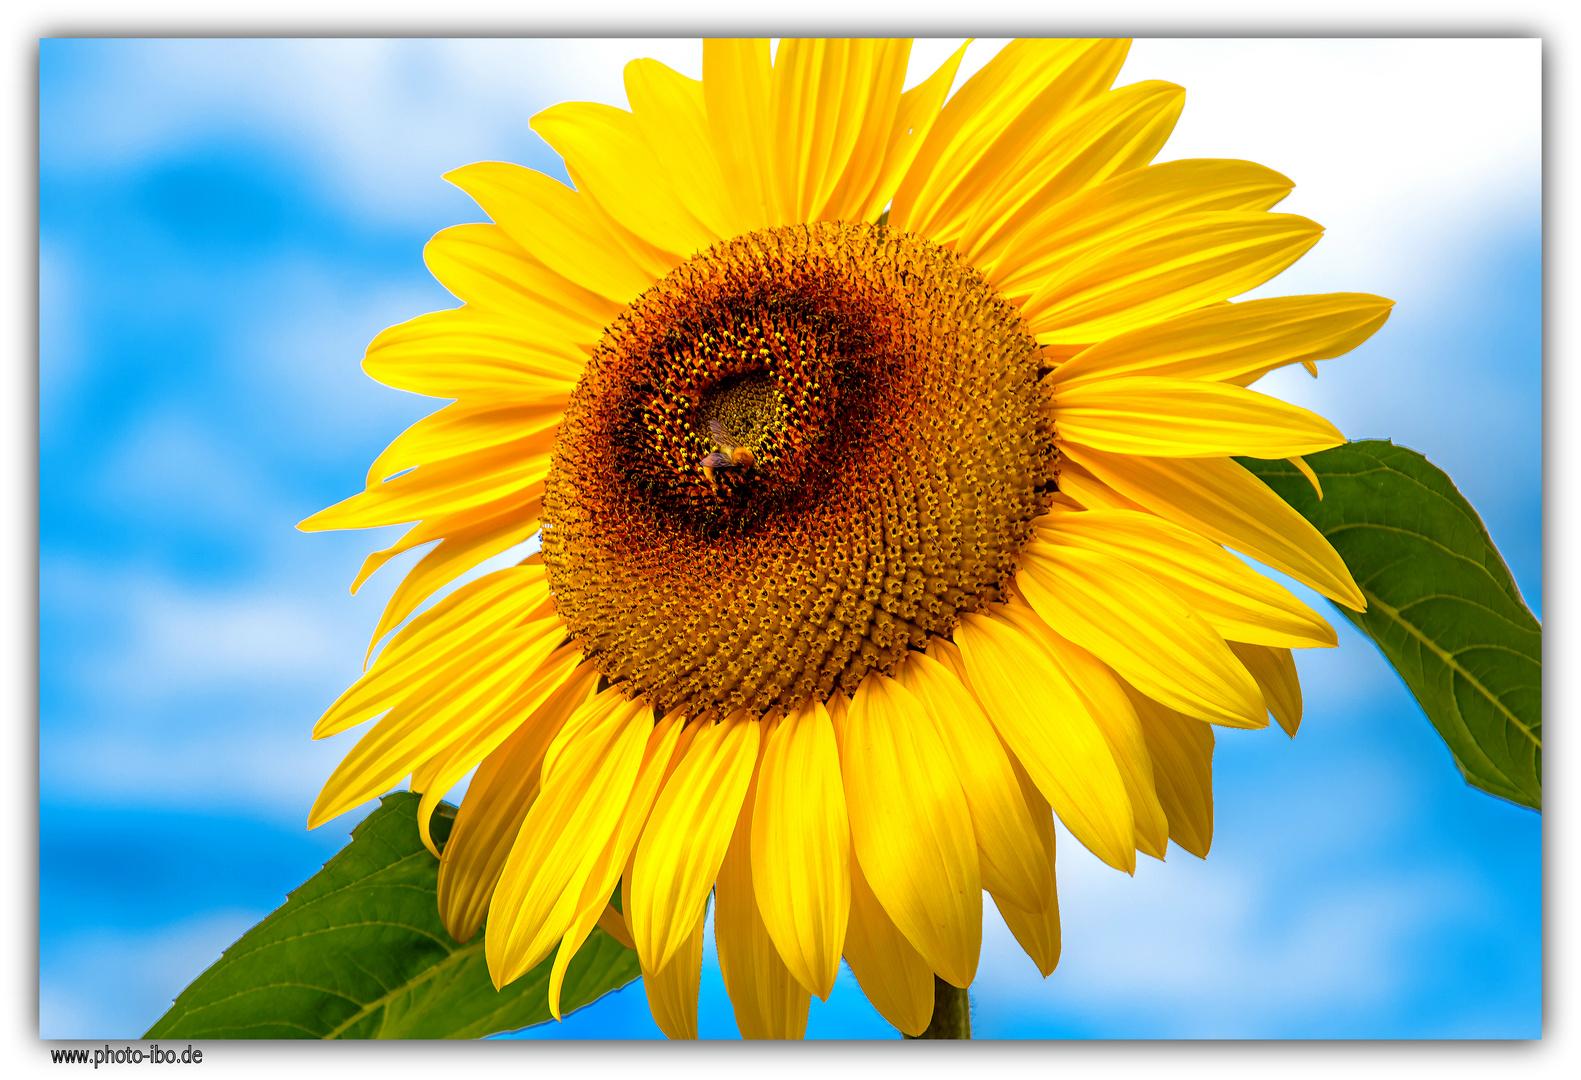 ..lassen wir die Sonne in unsere herzen